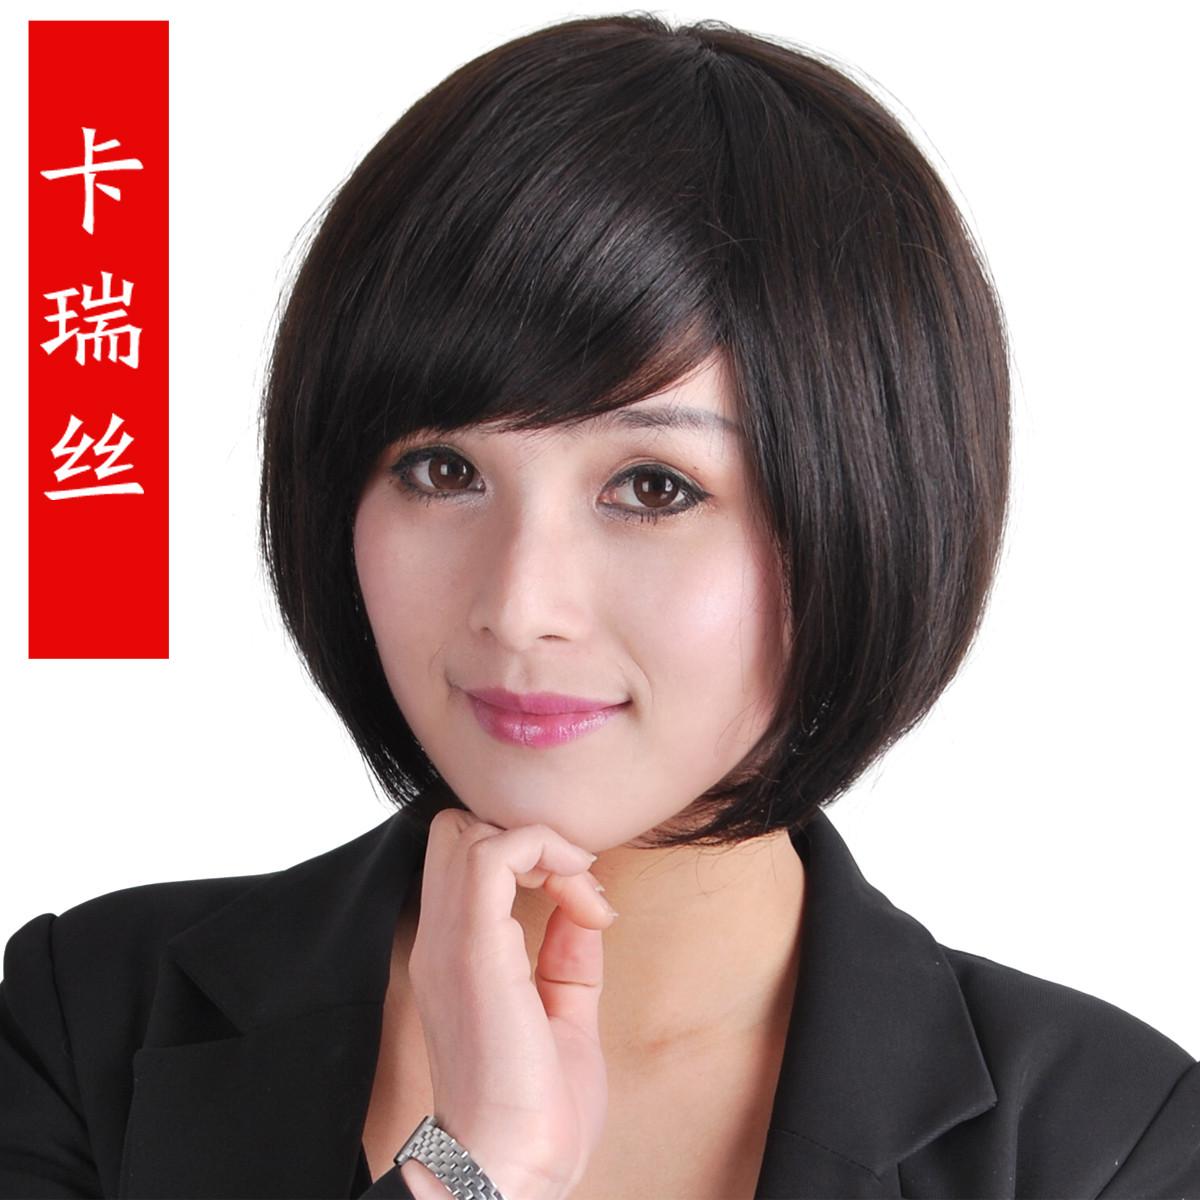 斜刘海短发梨花搭配